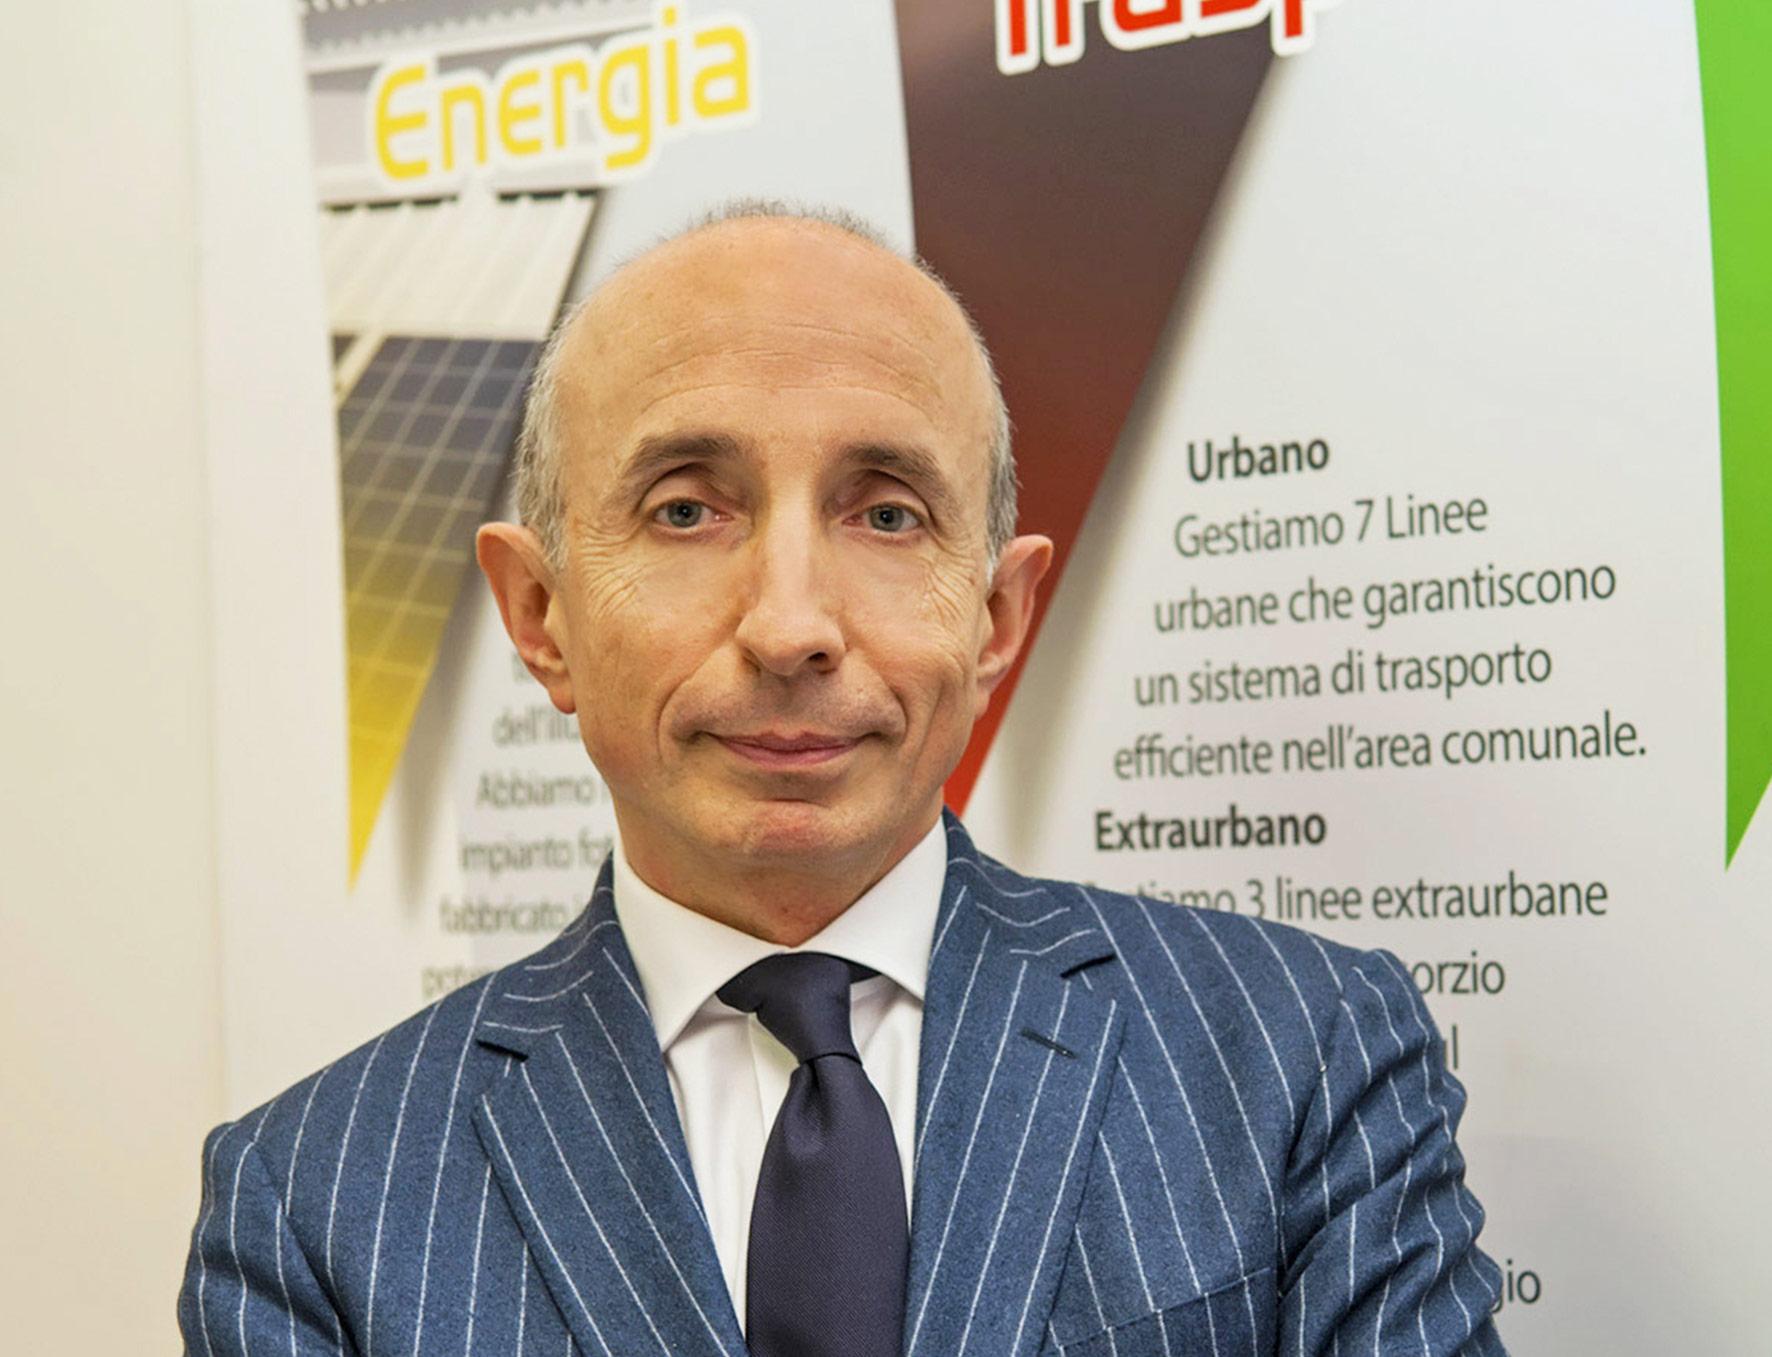 Paolo Golzio